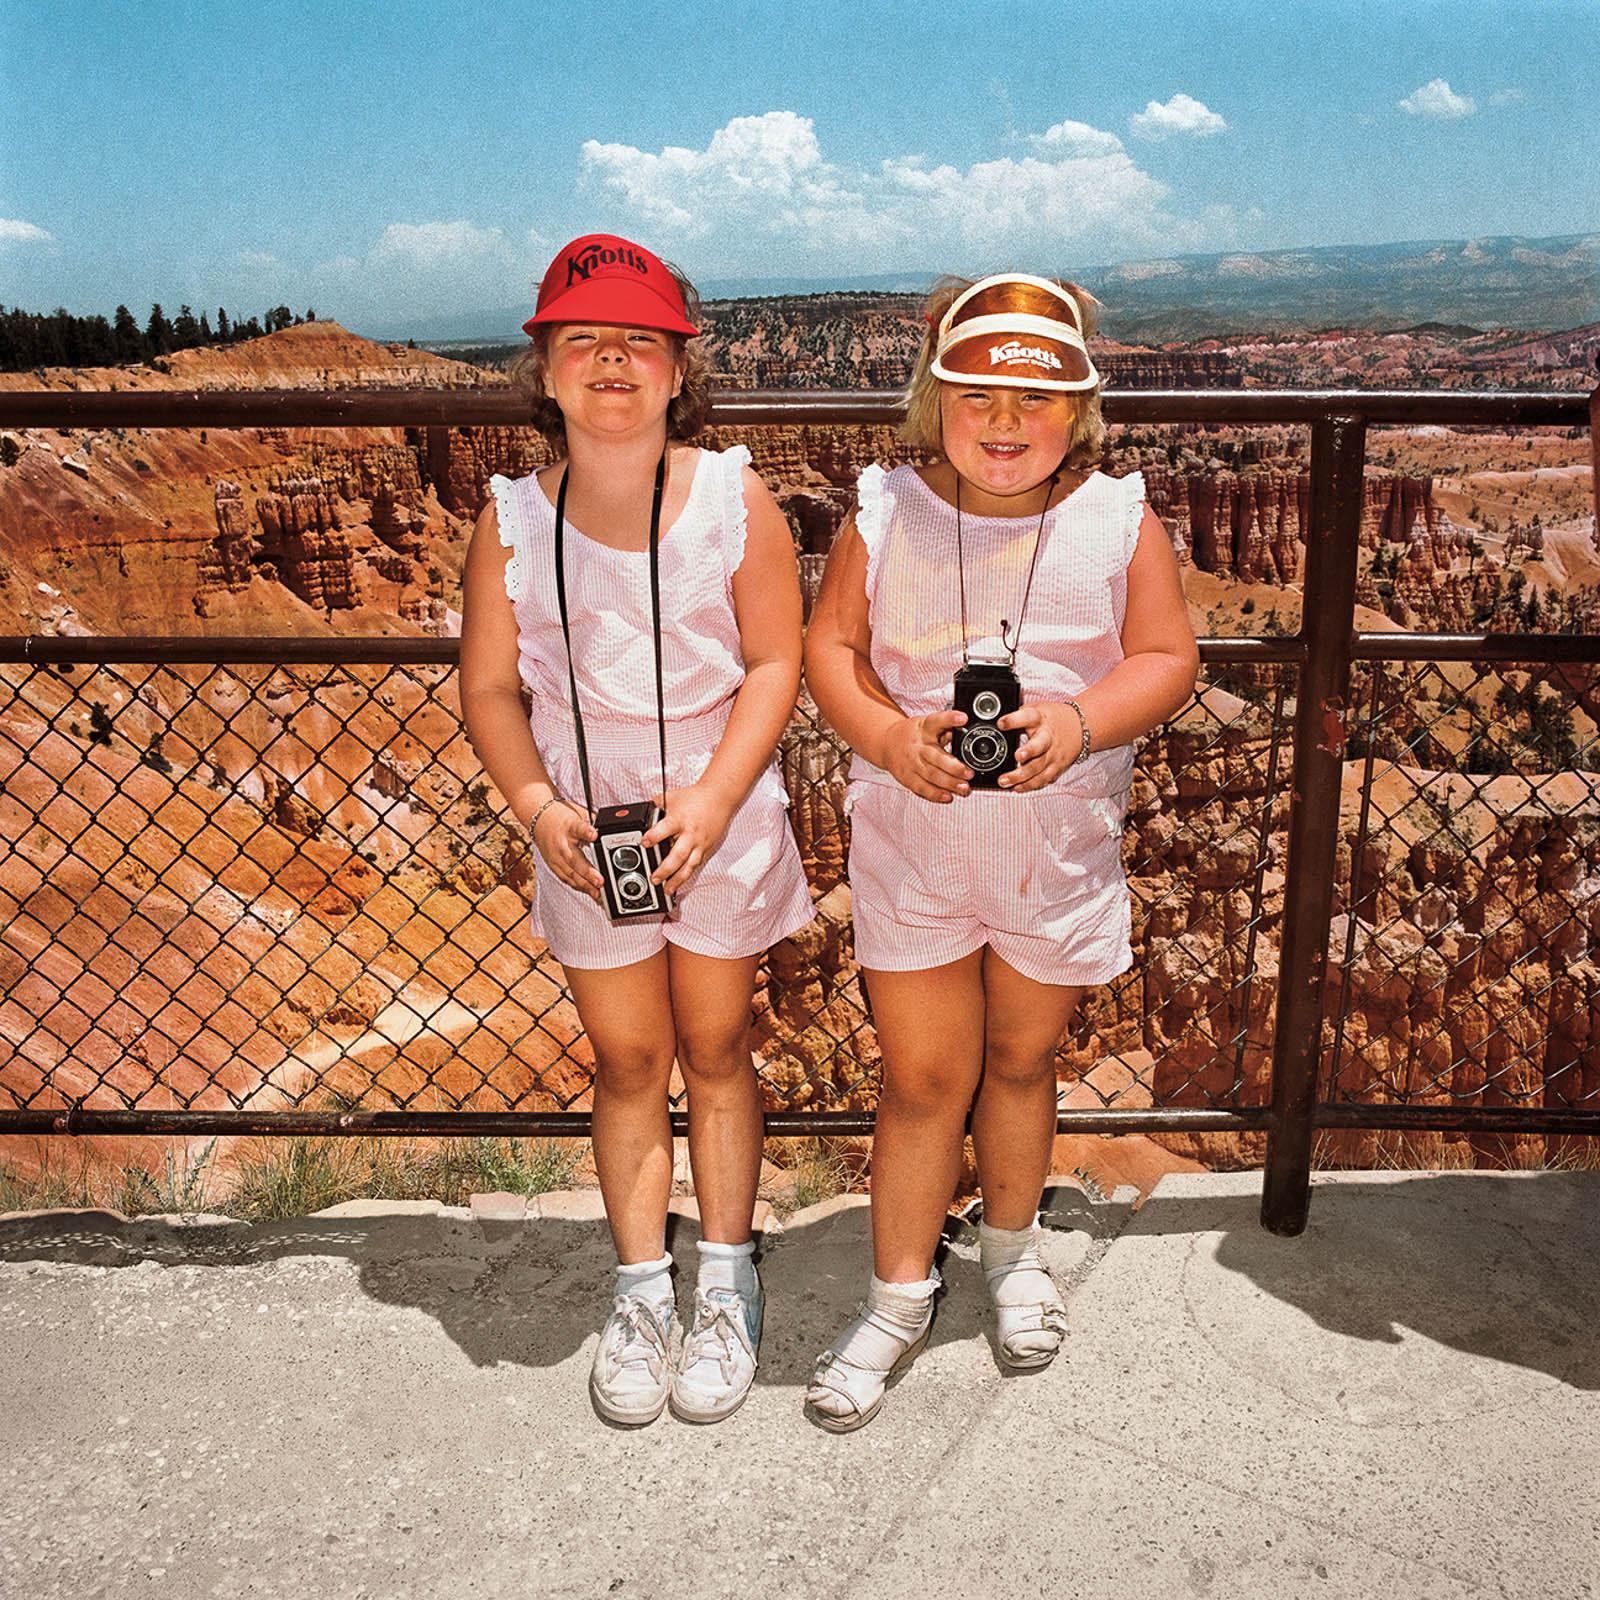 Young Girls at Bryce Canyon National Park, Utah 1980